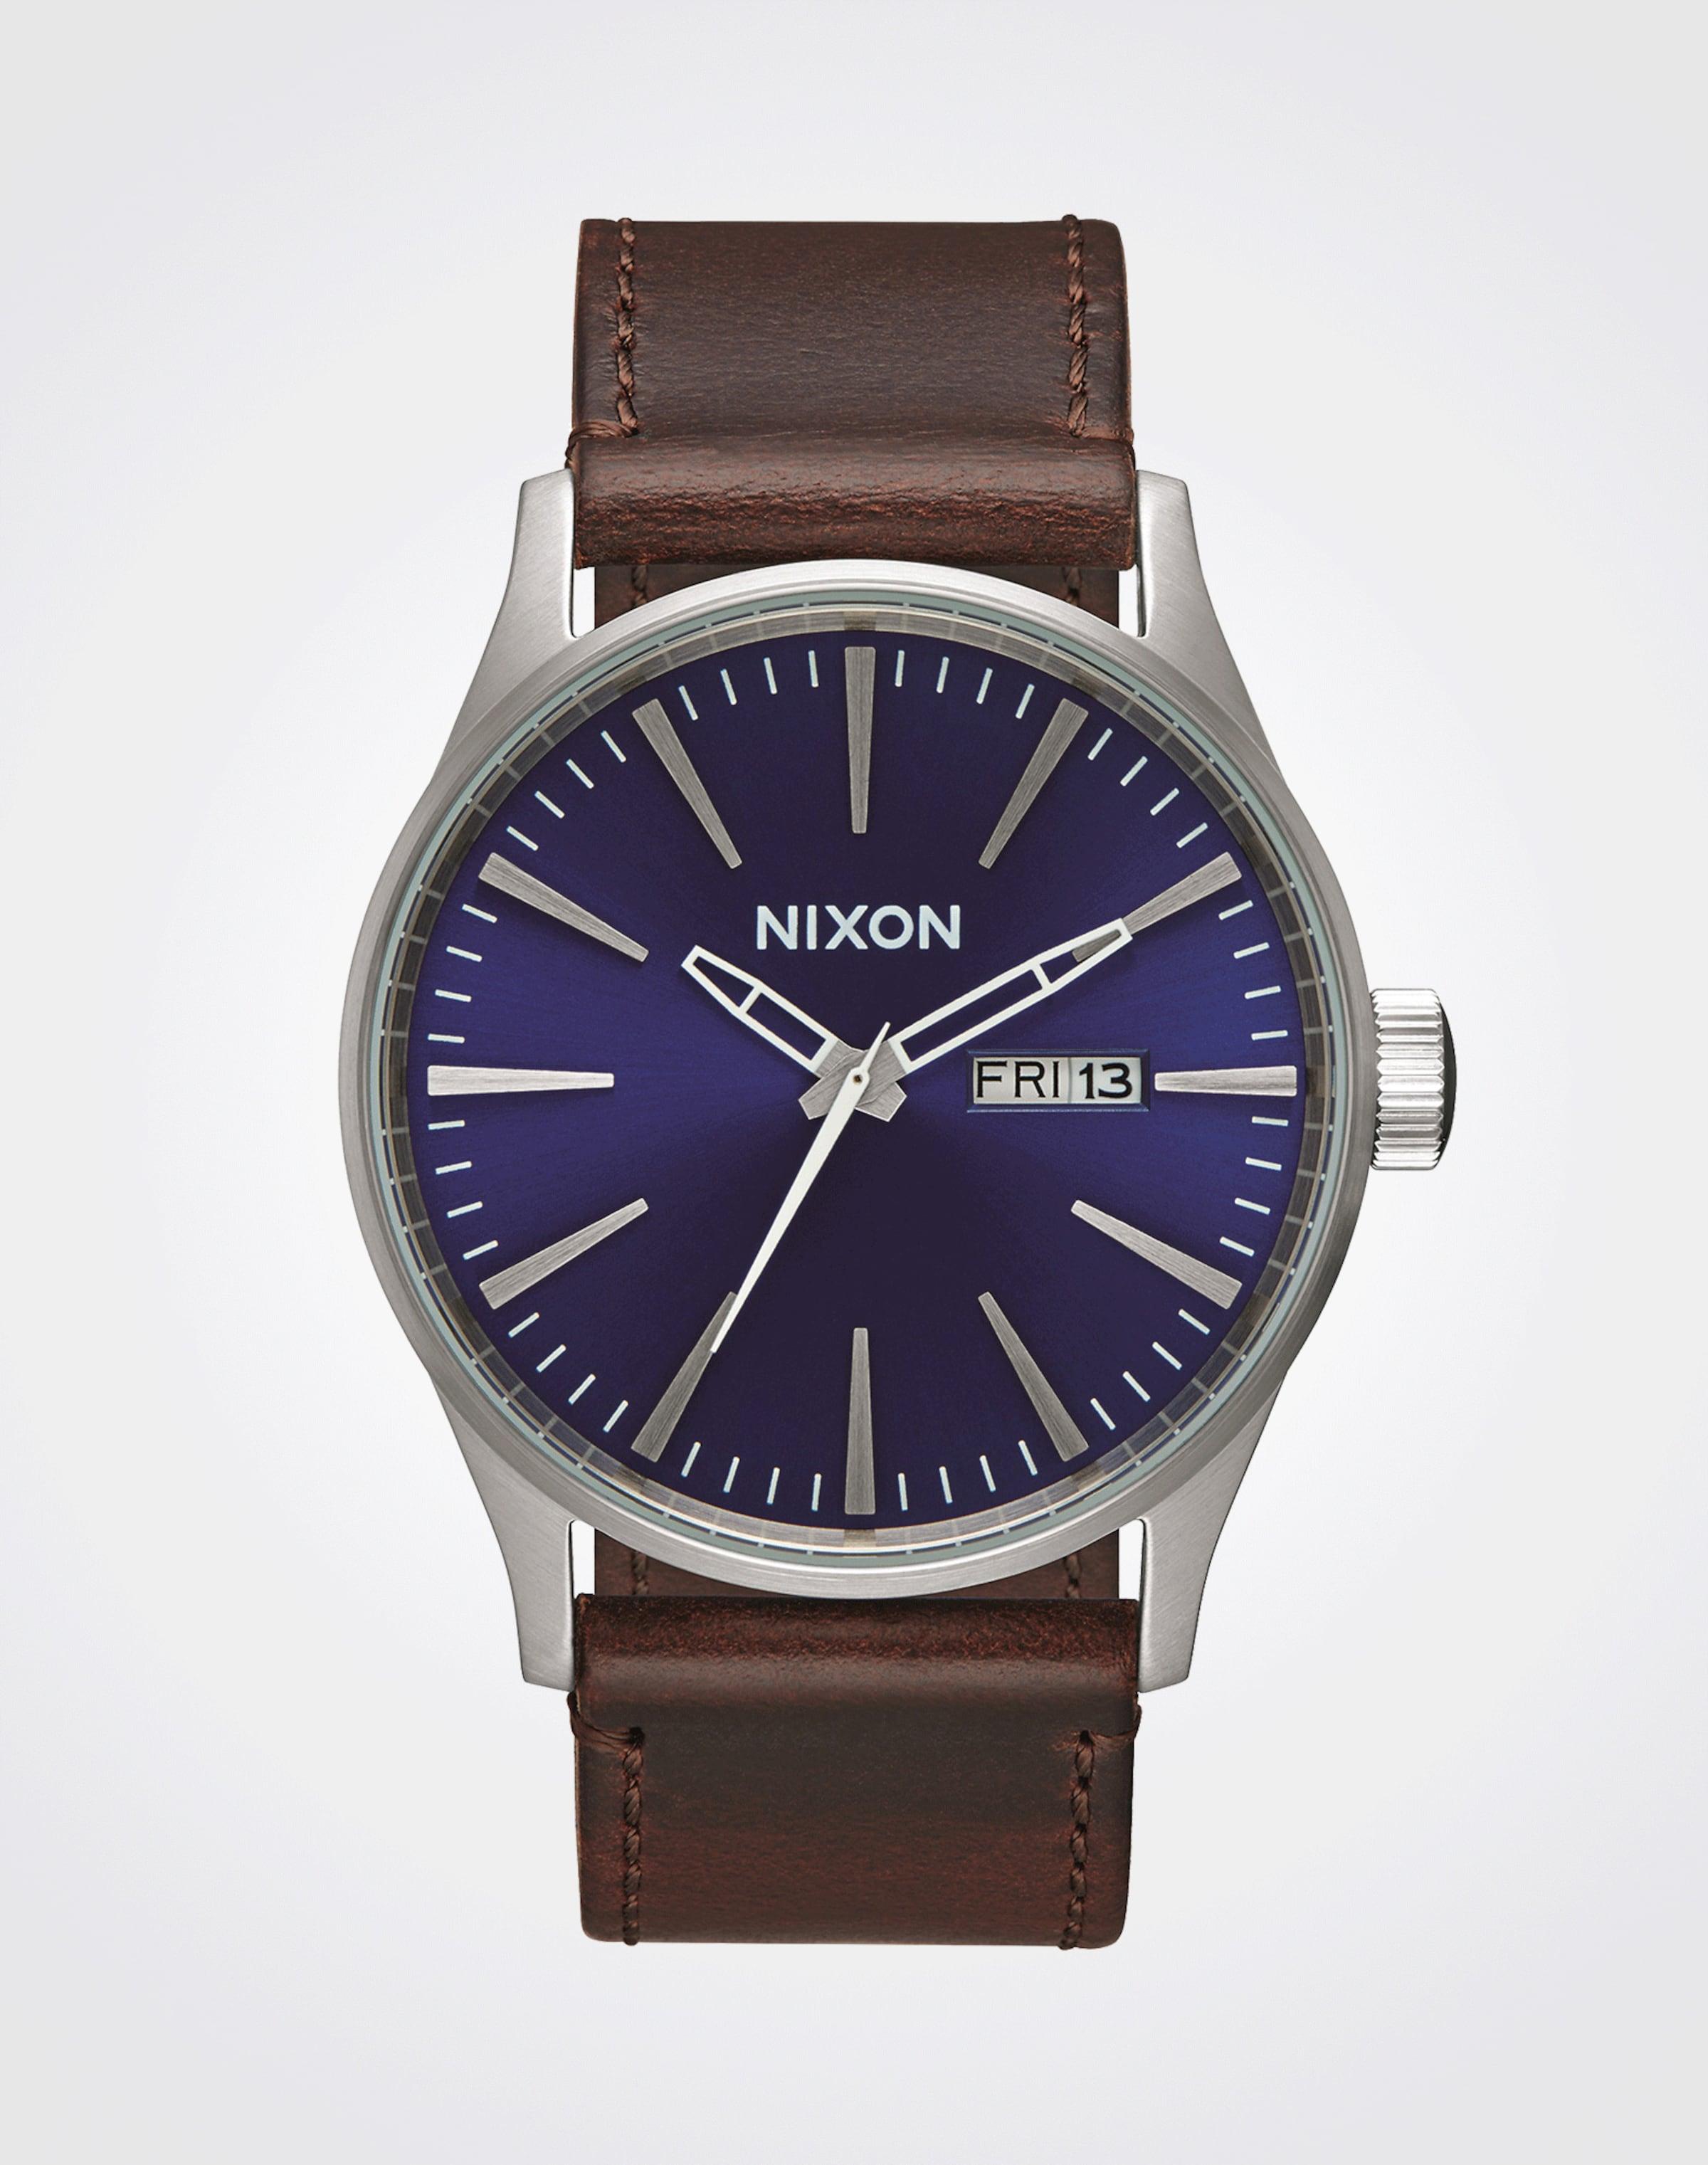 Billig Verkauf Versand Niedriger Preis Gebühr Bestes Geschäft Zu Erhalten Online-Verkauf Nixon Armbanduhr 'Sentry Leather' Nett Einen Günstigen Preis MEYFAue